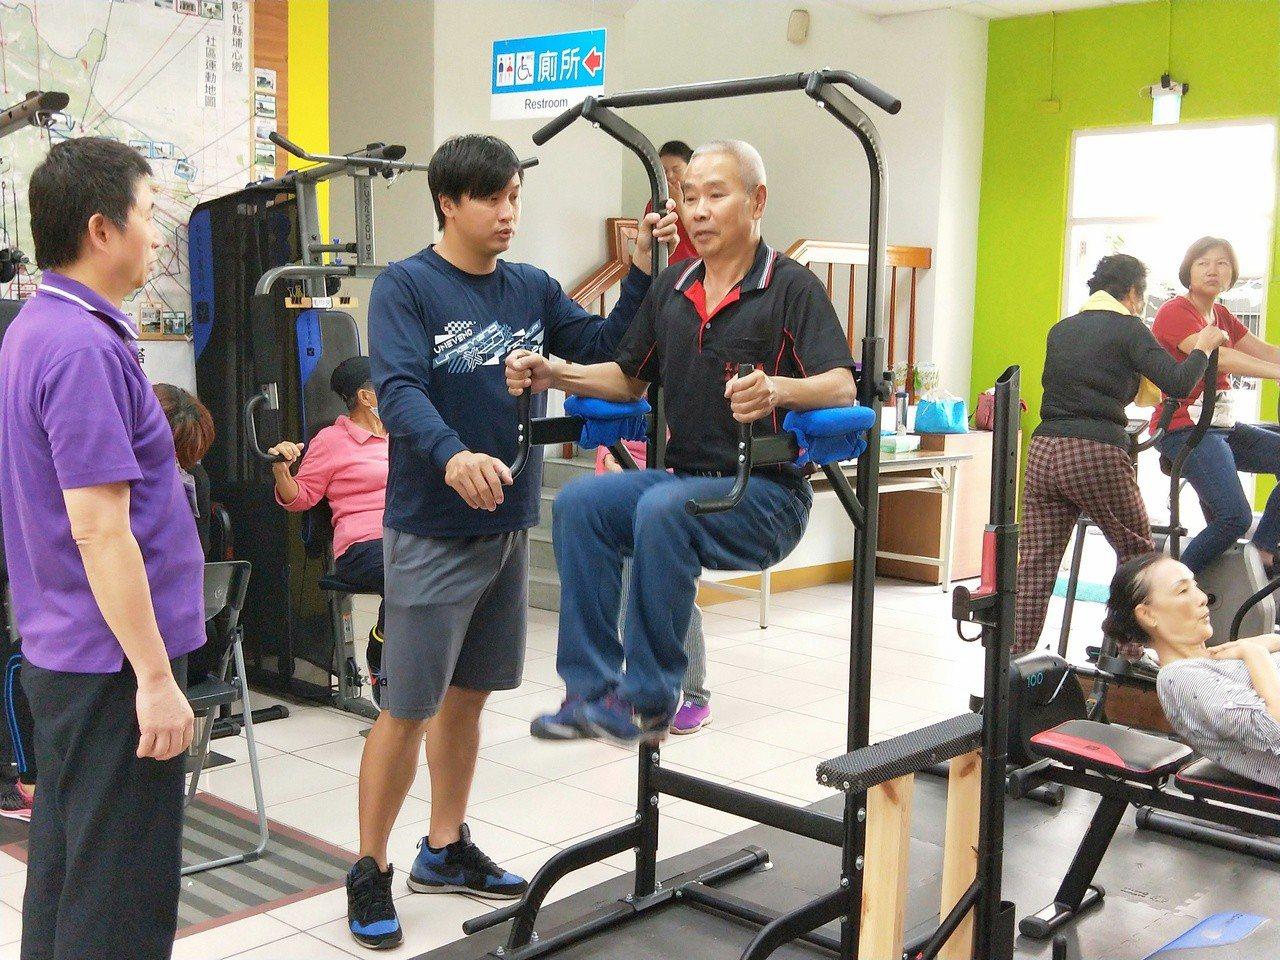 埔心鄉公所是彰化縣第一個推動不老健身房的衛生所,最近獲得第二屆「政府服務獎」的「...